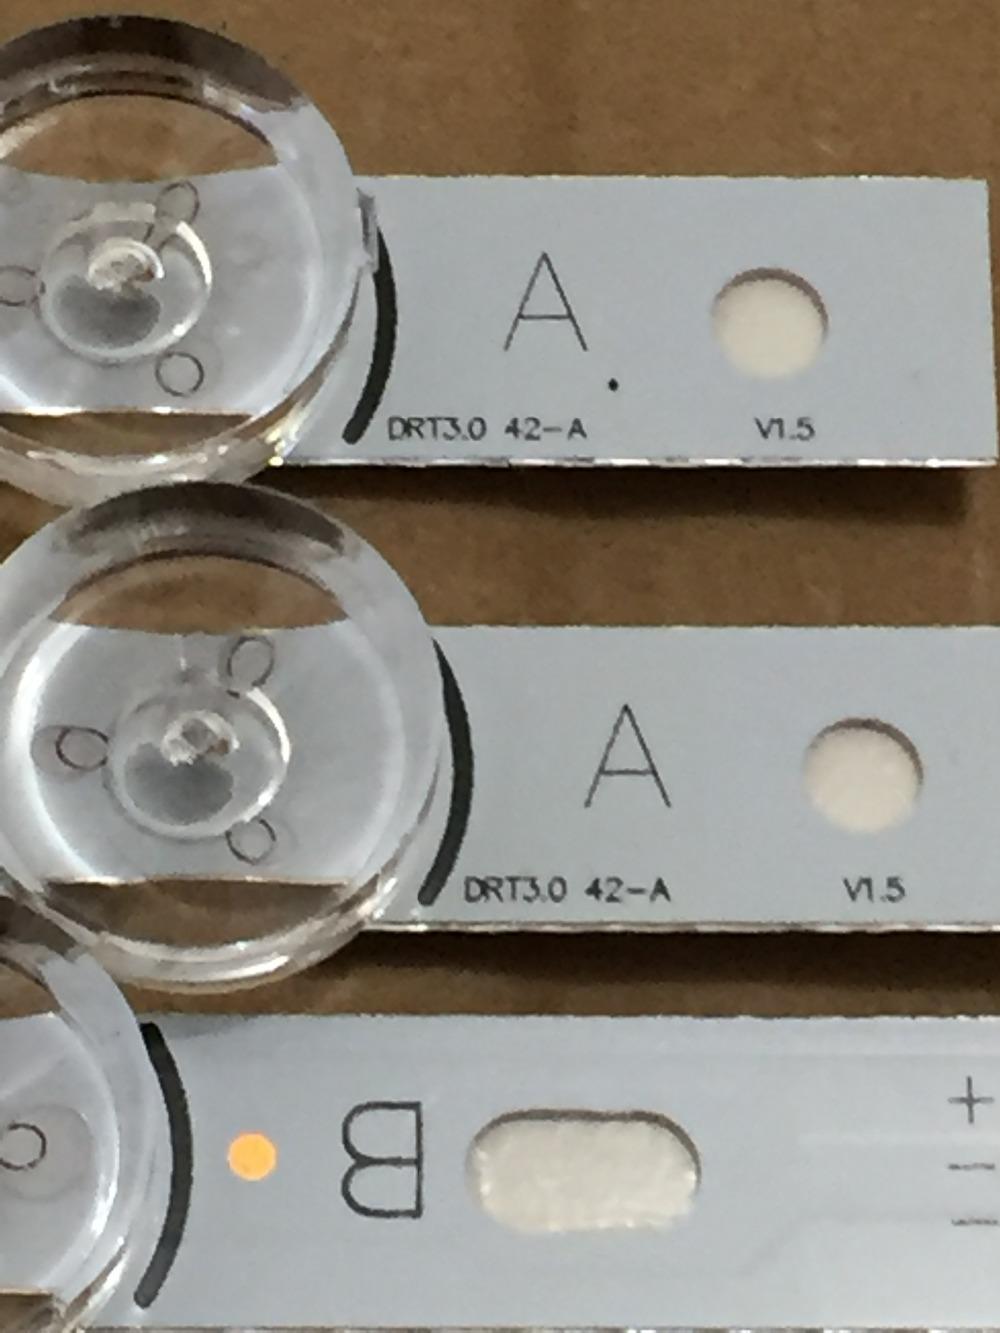 [해외]100 % 새로운 LED 백라이트 스트립 8 led LG 42 인치 TV에 대 한 INNOTEK DRT 3.0 42 & 6916L 1709B 1710B 1957E 1956E 6916L-1956A 6916L-1957A/100% NEW LED Backligh